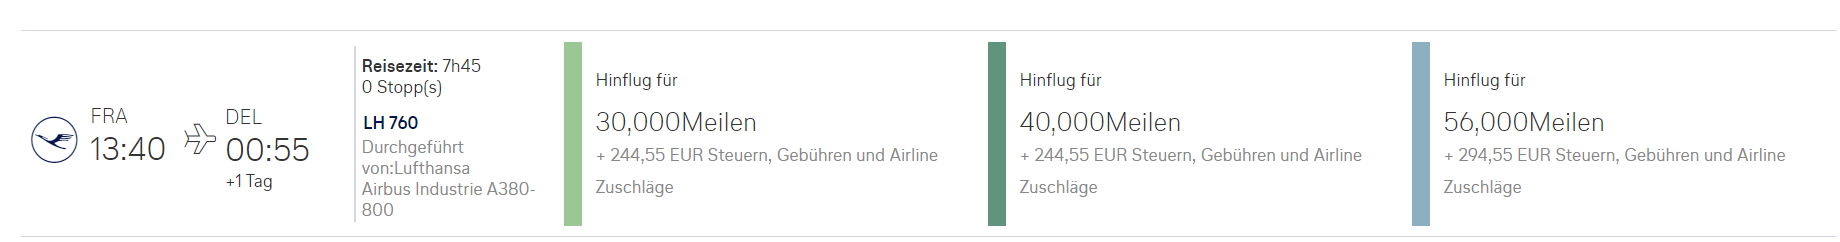 Prämienflug mit Lufthansa bei Miles & More für Frankfurt - Delhi